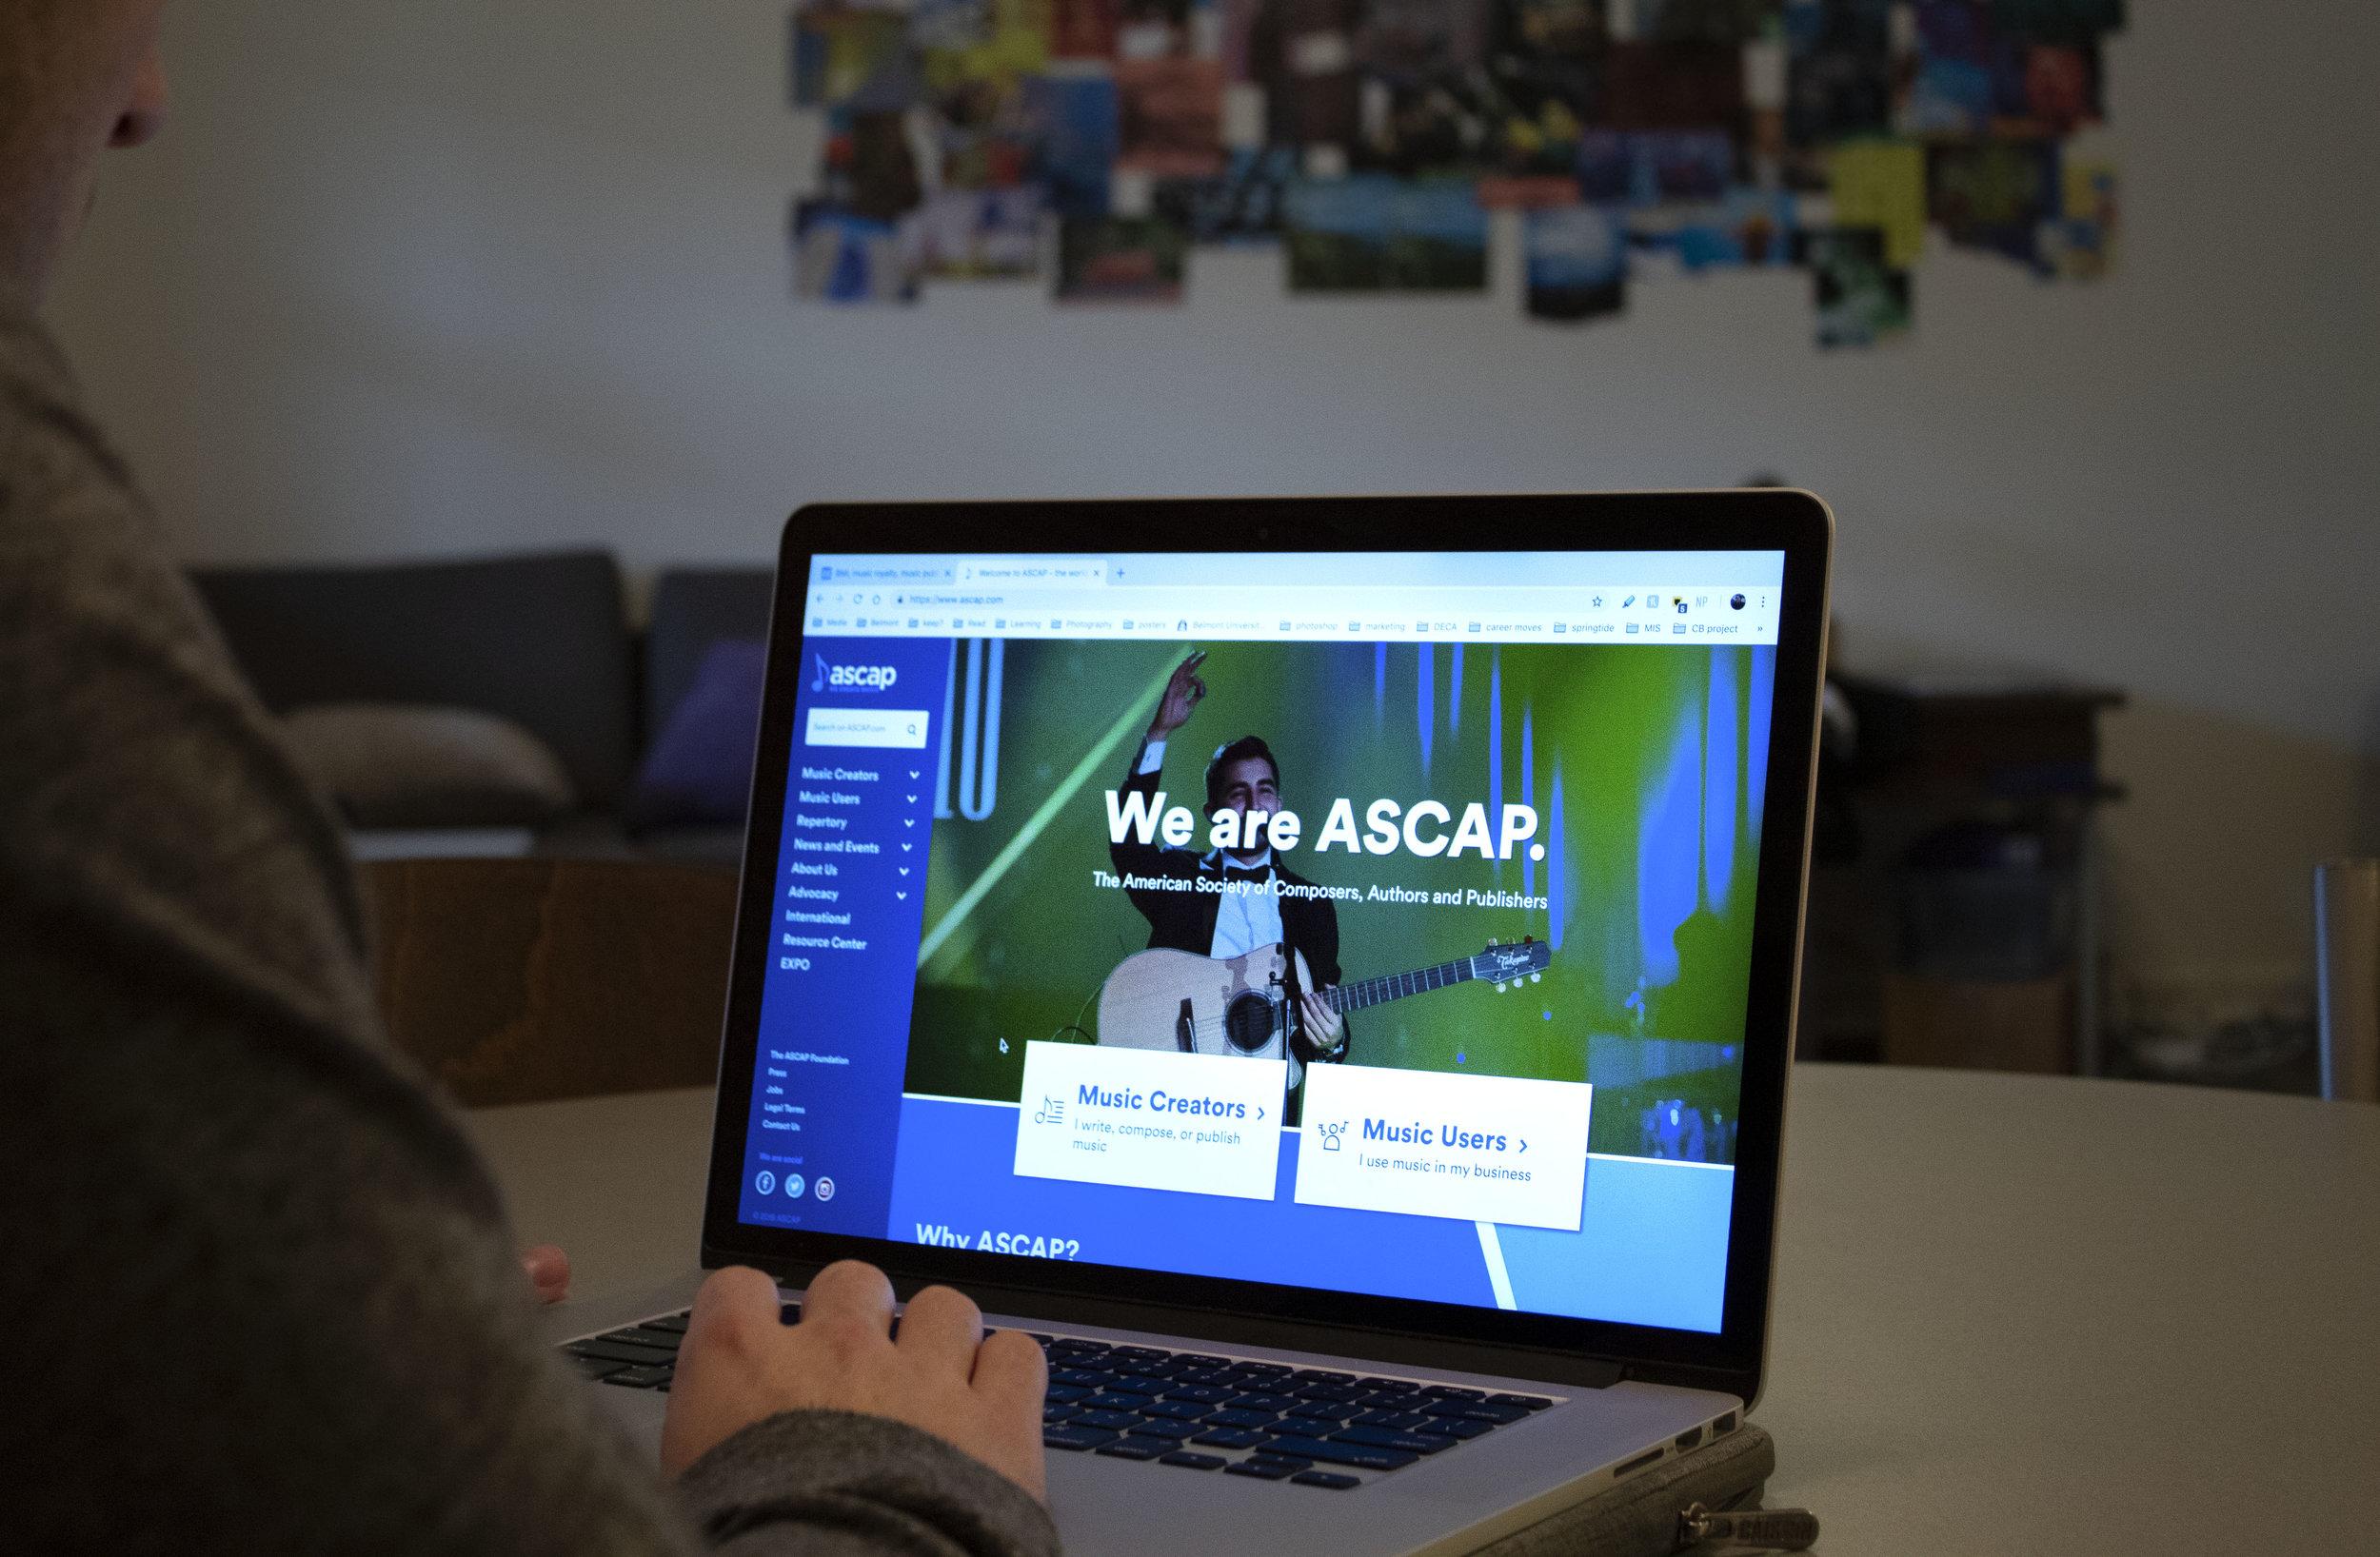 ASCAP com.jpg